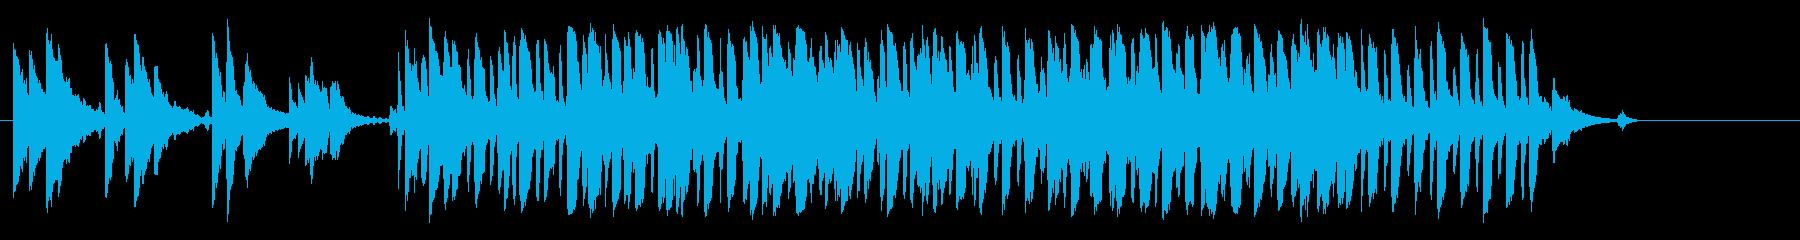 ブルース けだるい アンプラグド 夜の再生済みの波形